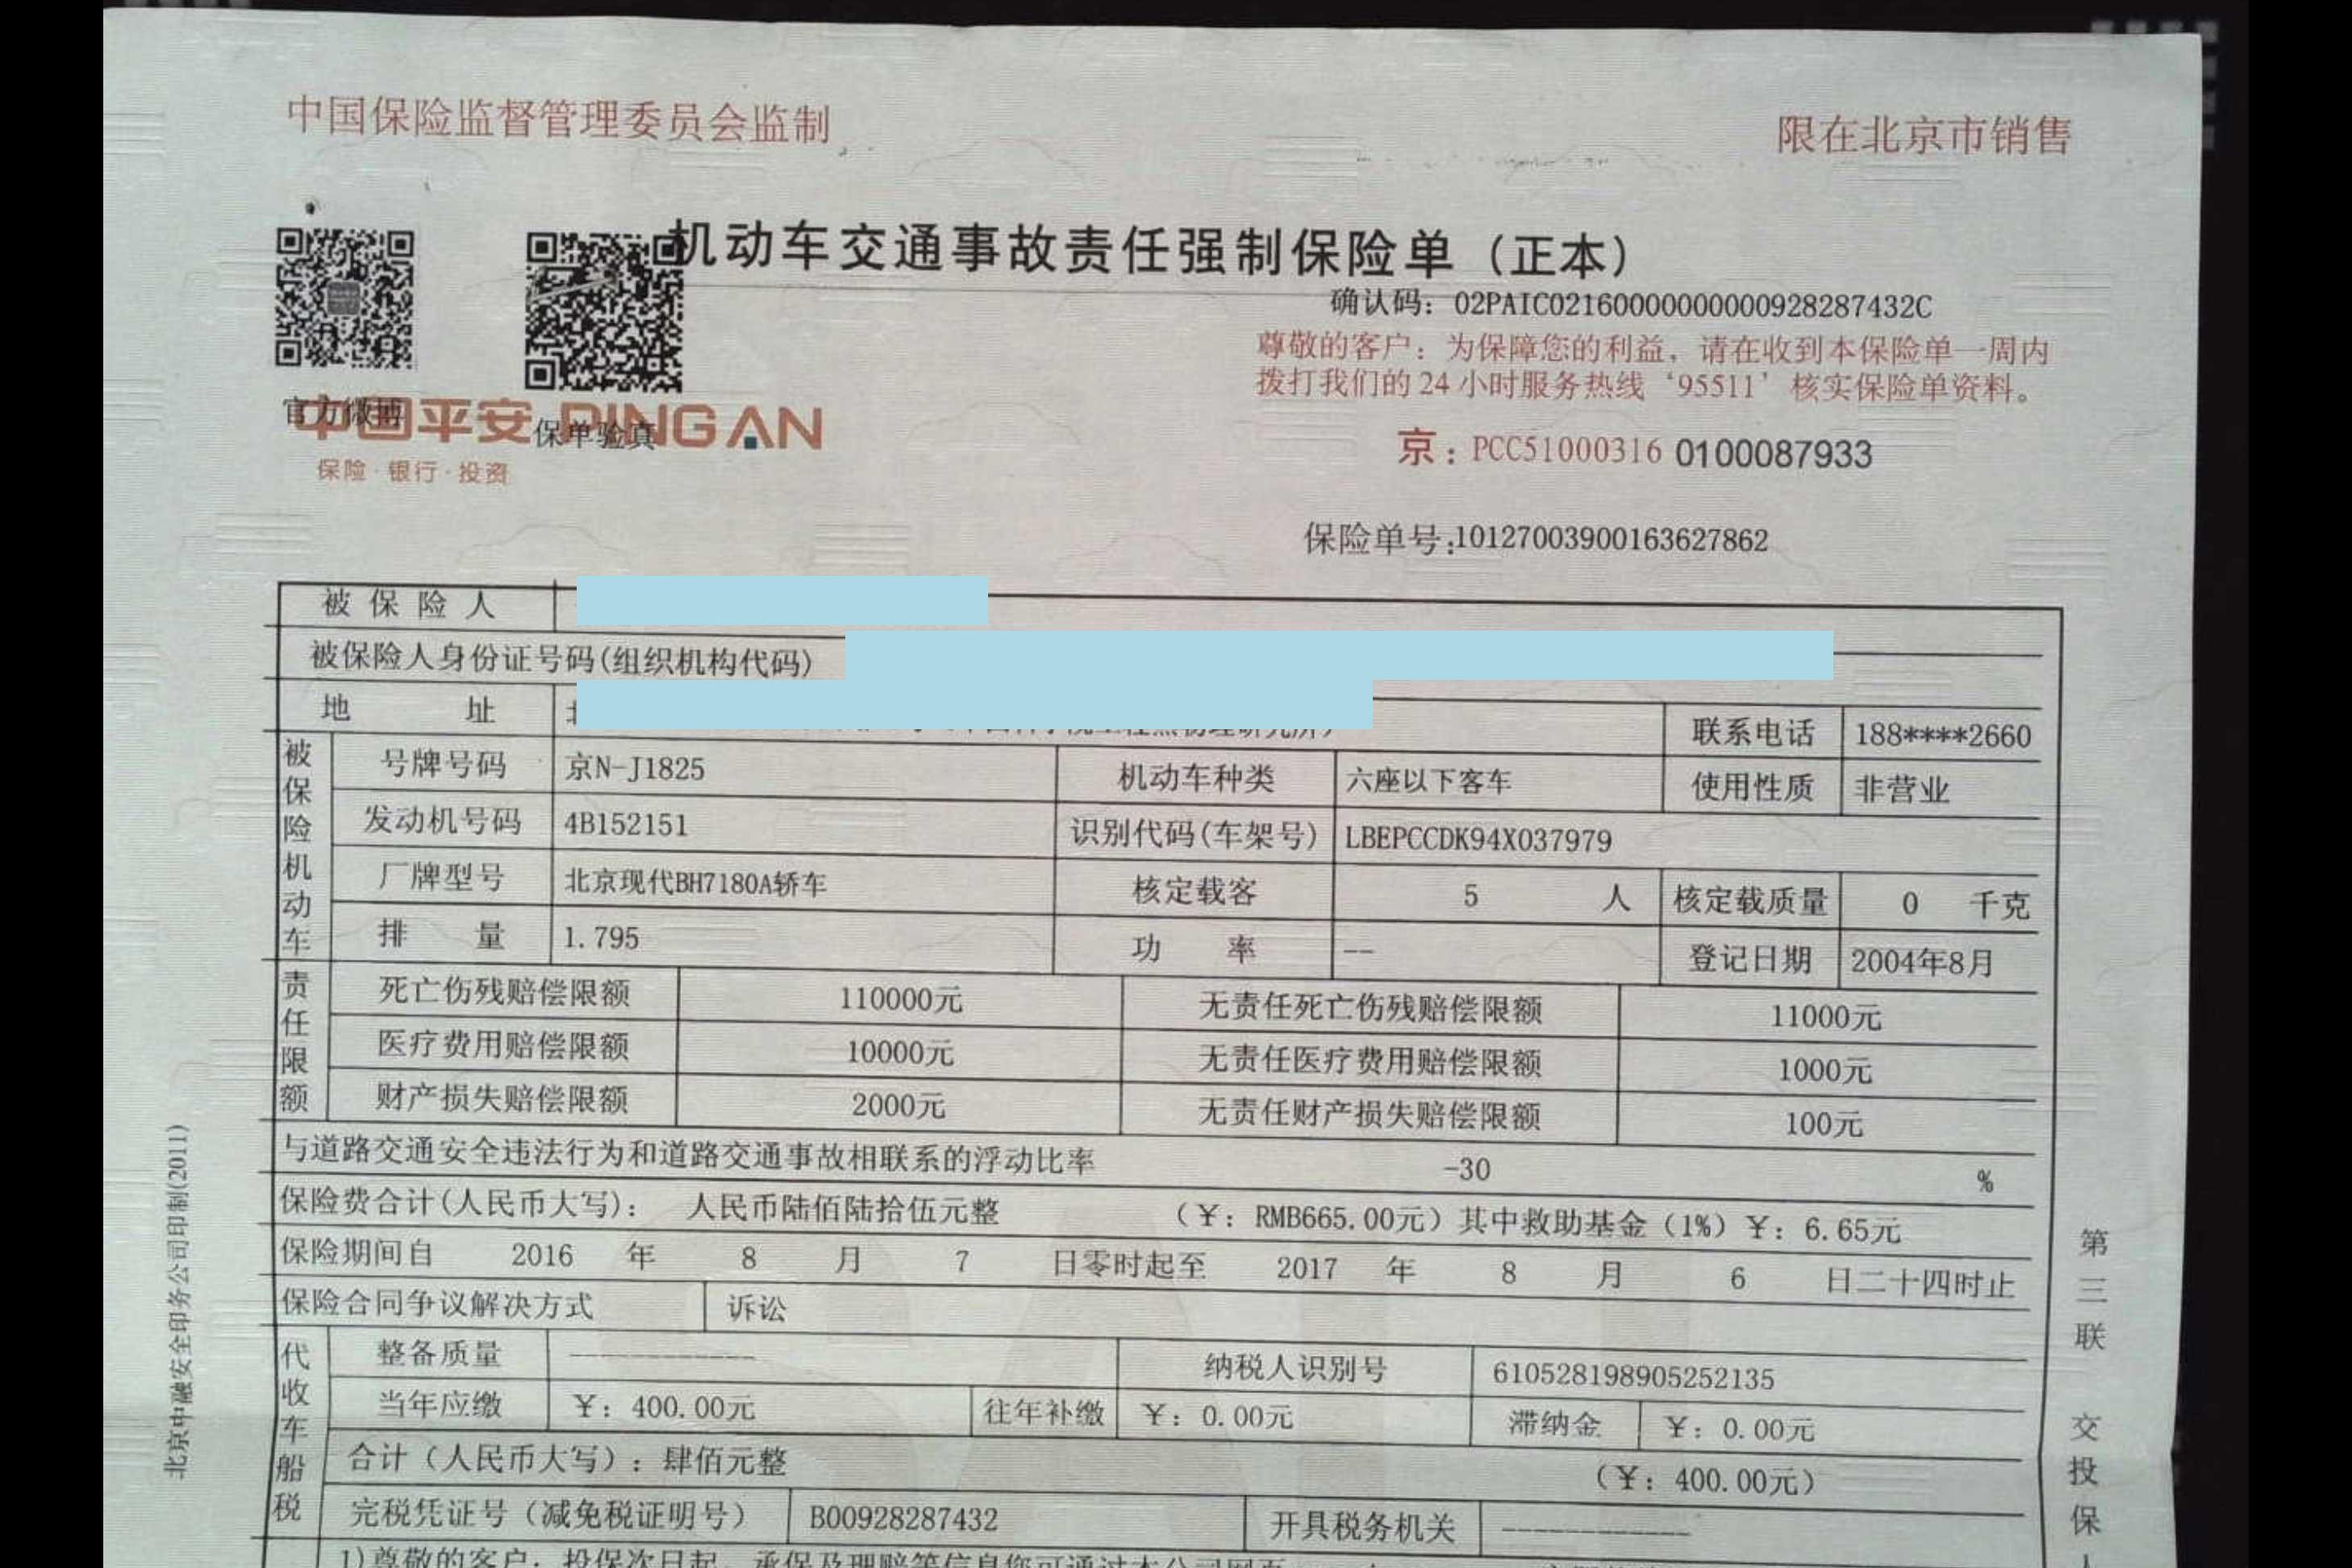 关于出险通知义务   中国保监会福建监管局